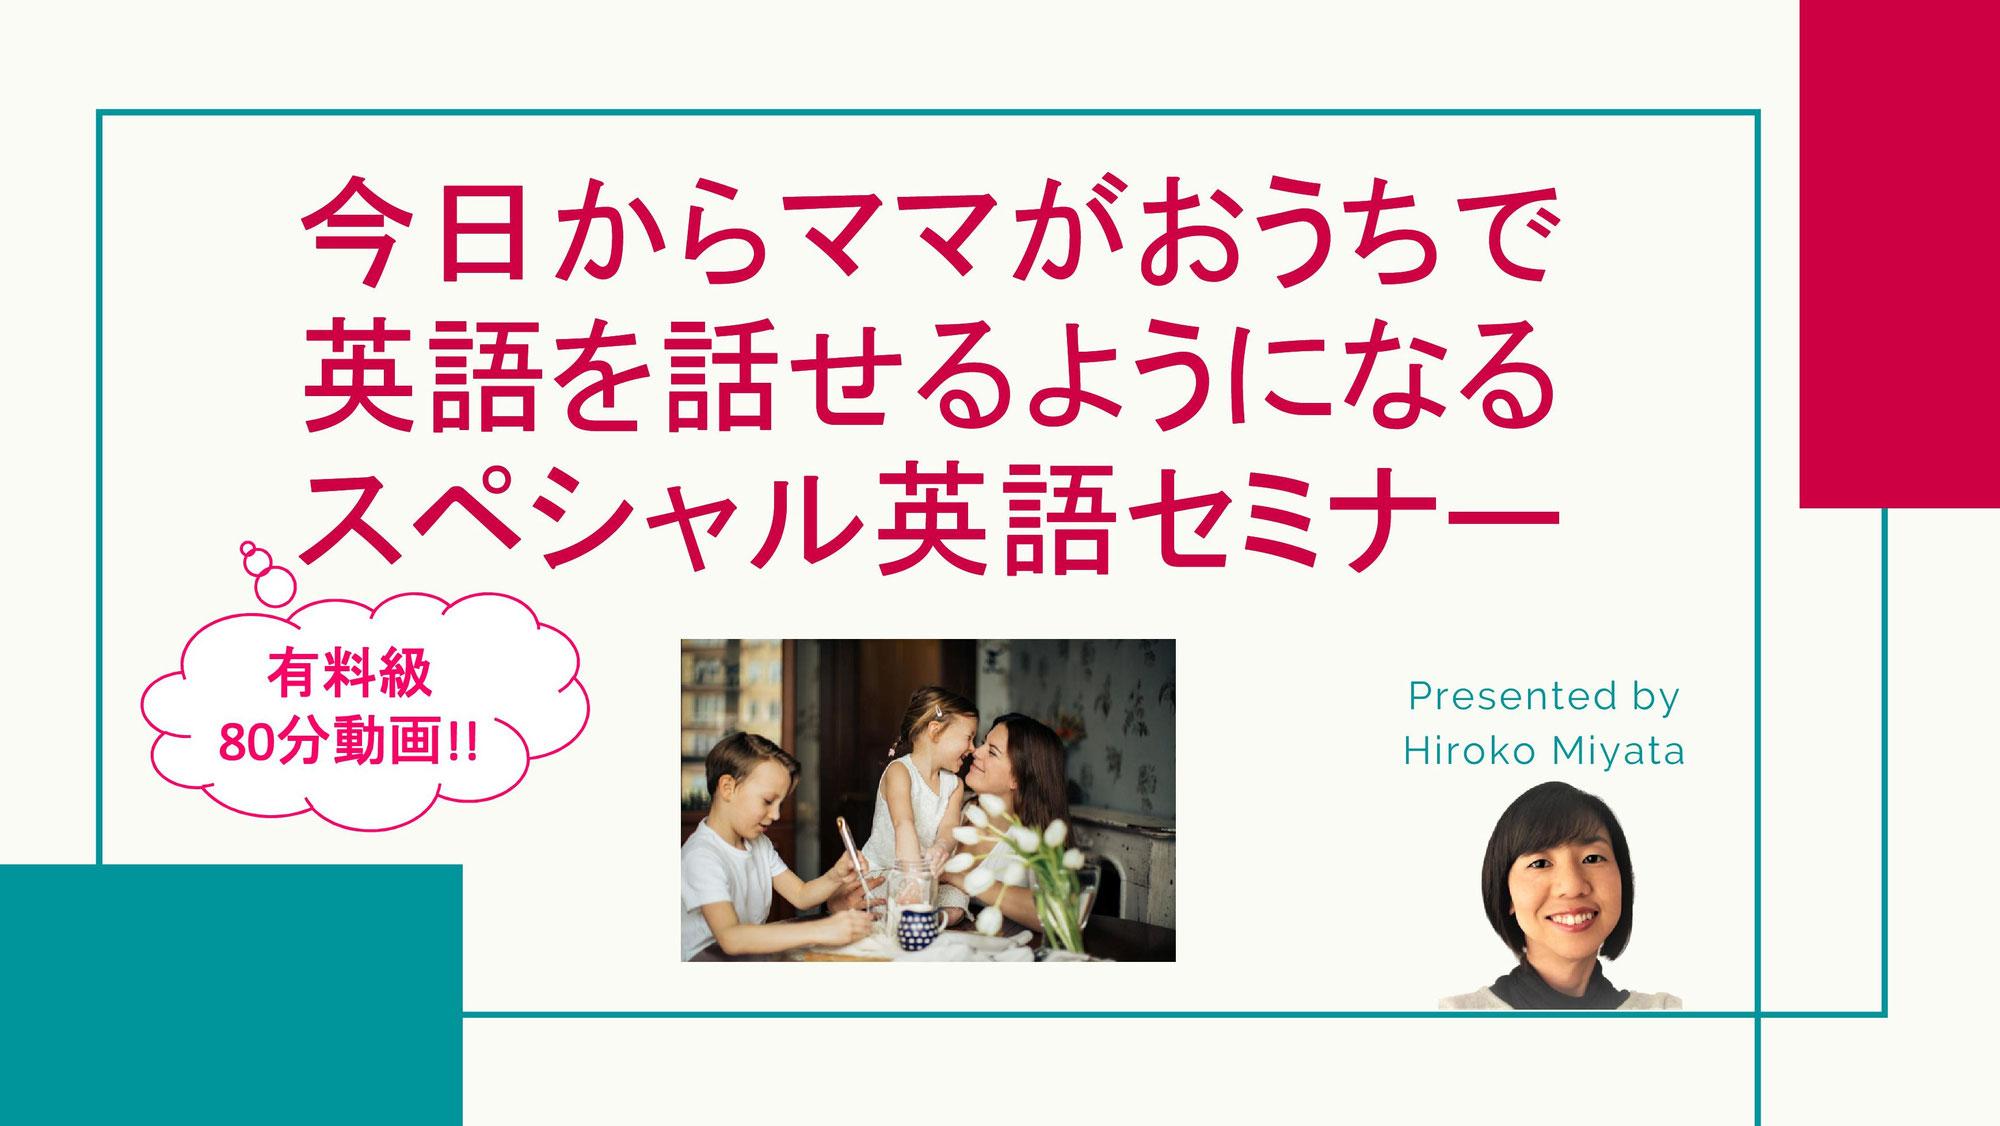 忙しいママが  無料でスキマ時間に学べてしまう  動画80分のスペシャル英語セミナー